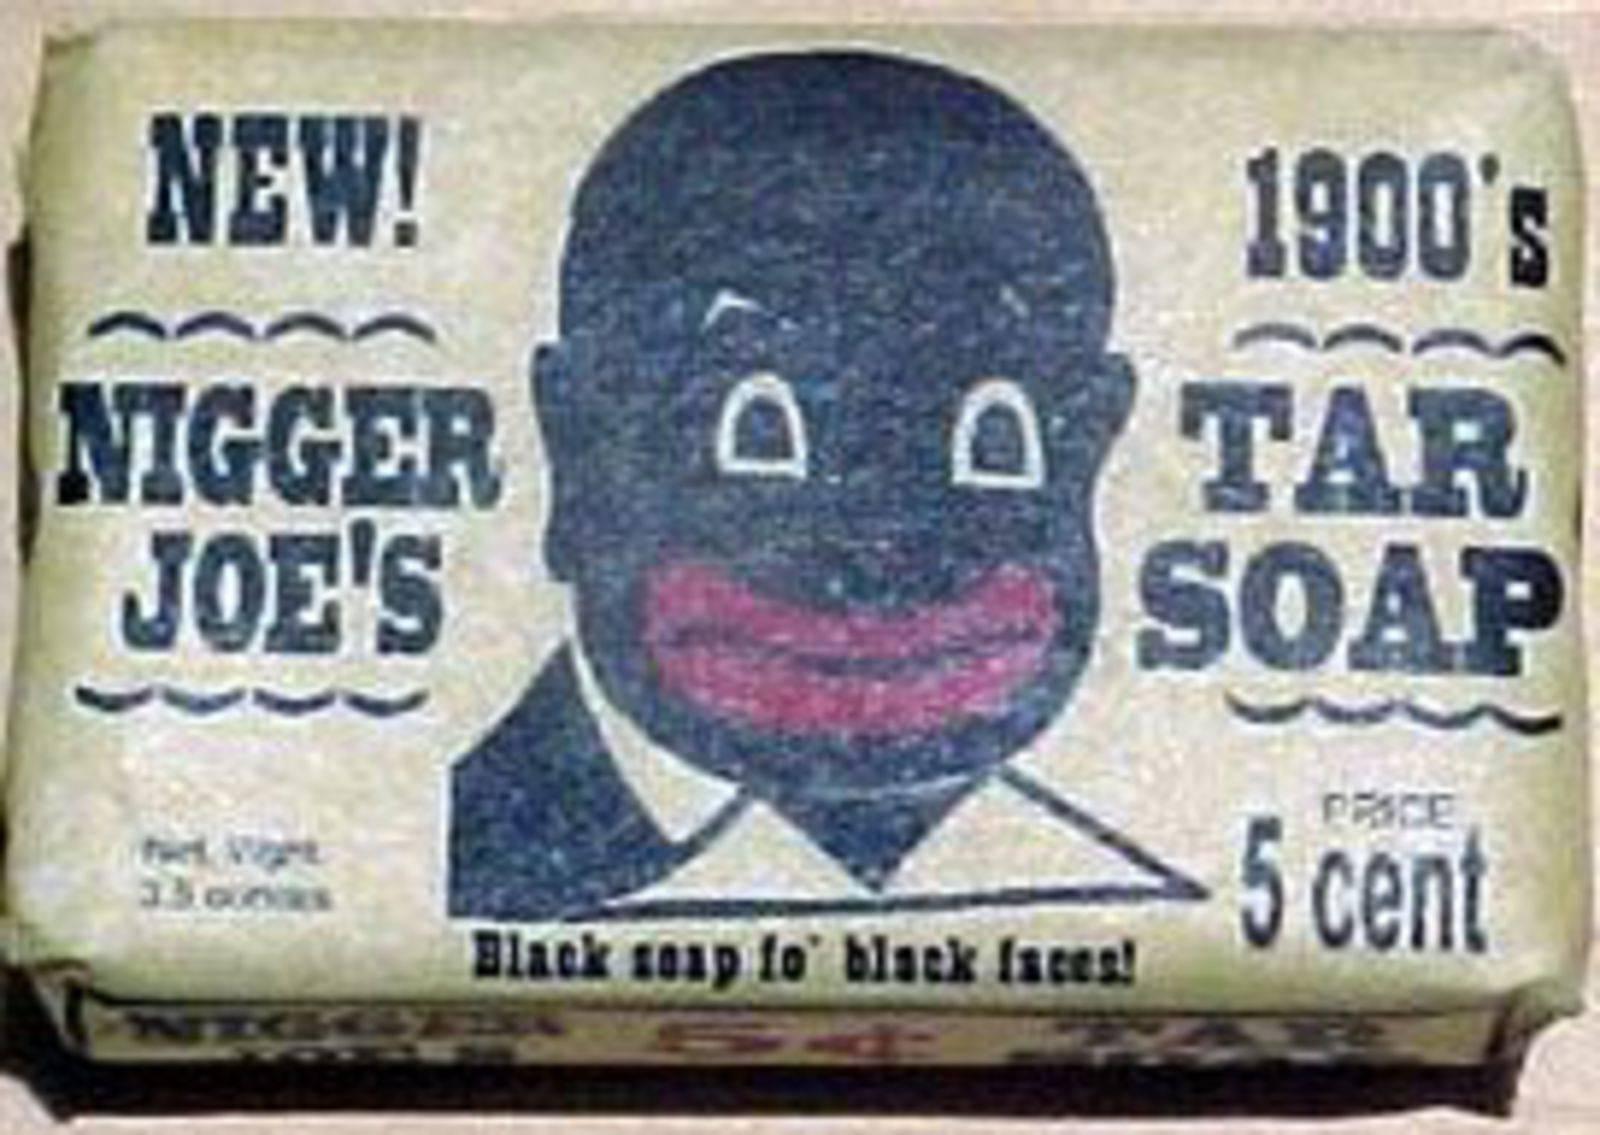 Publicidad y anuncios racistas de jabones